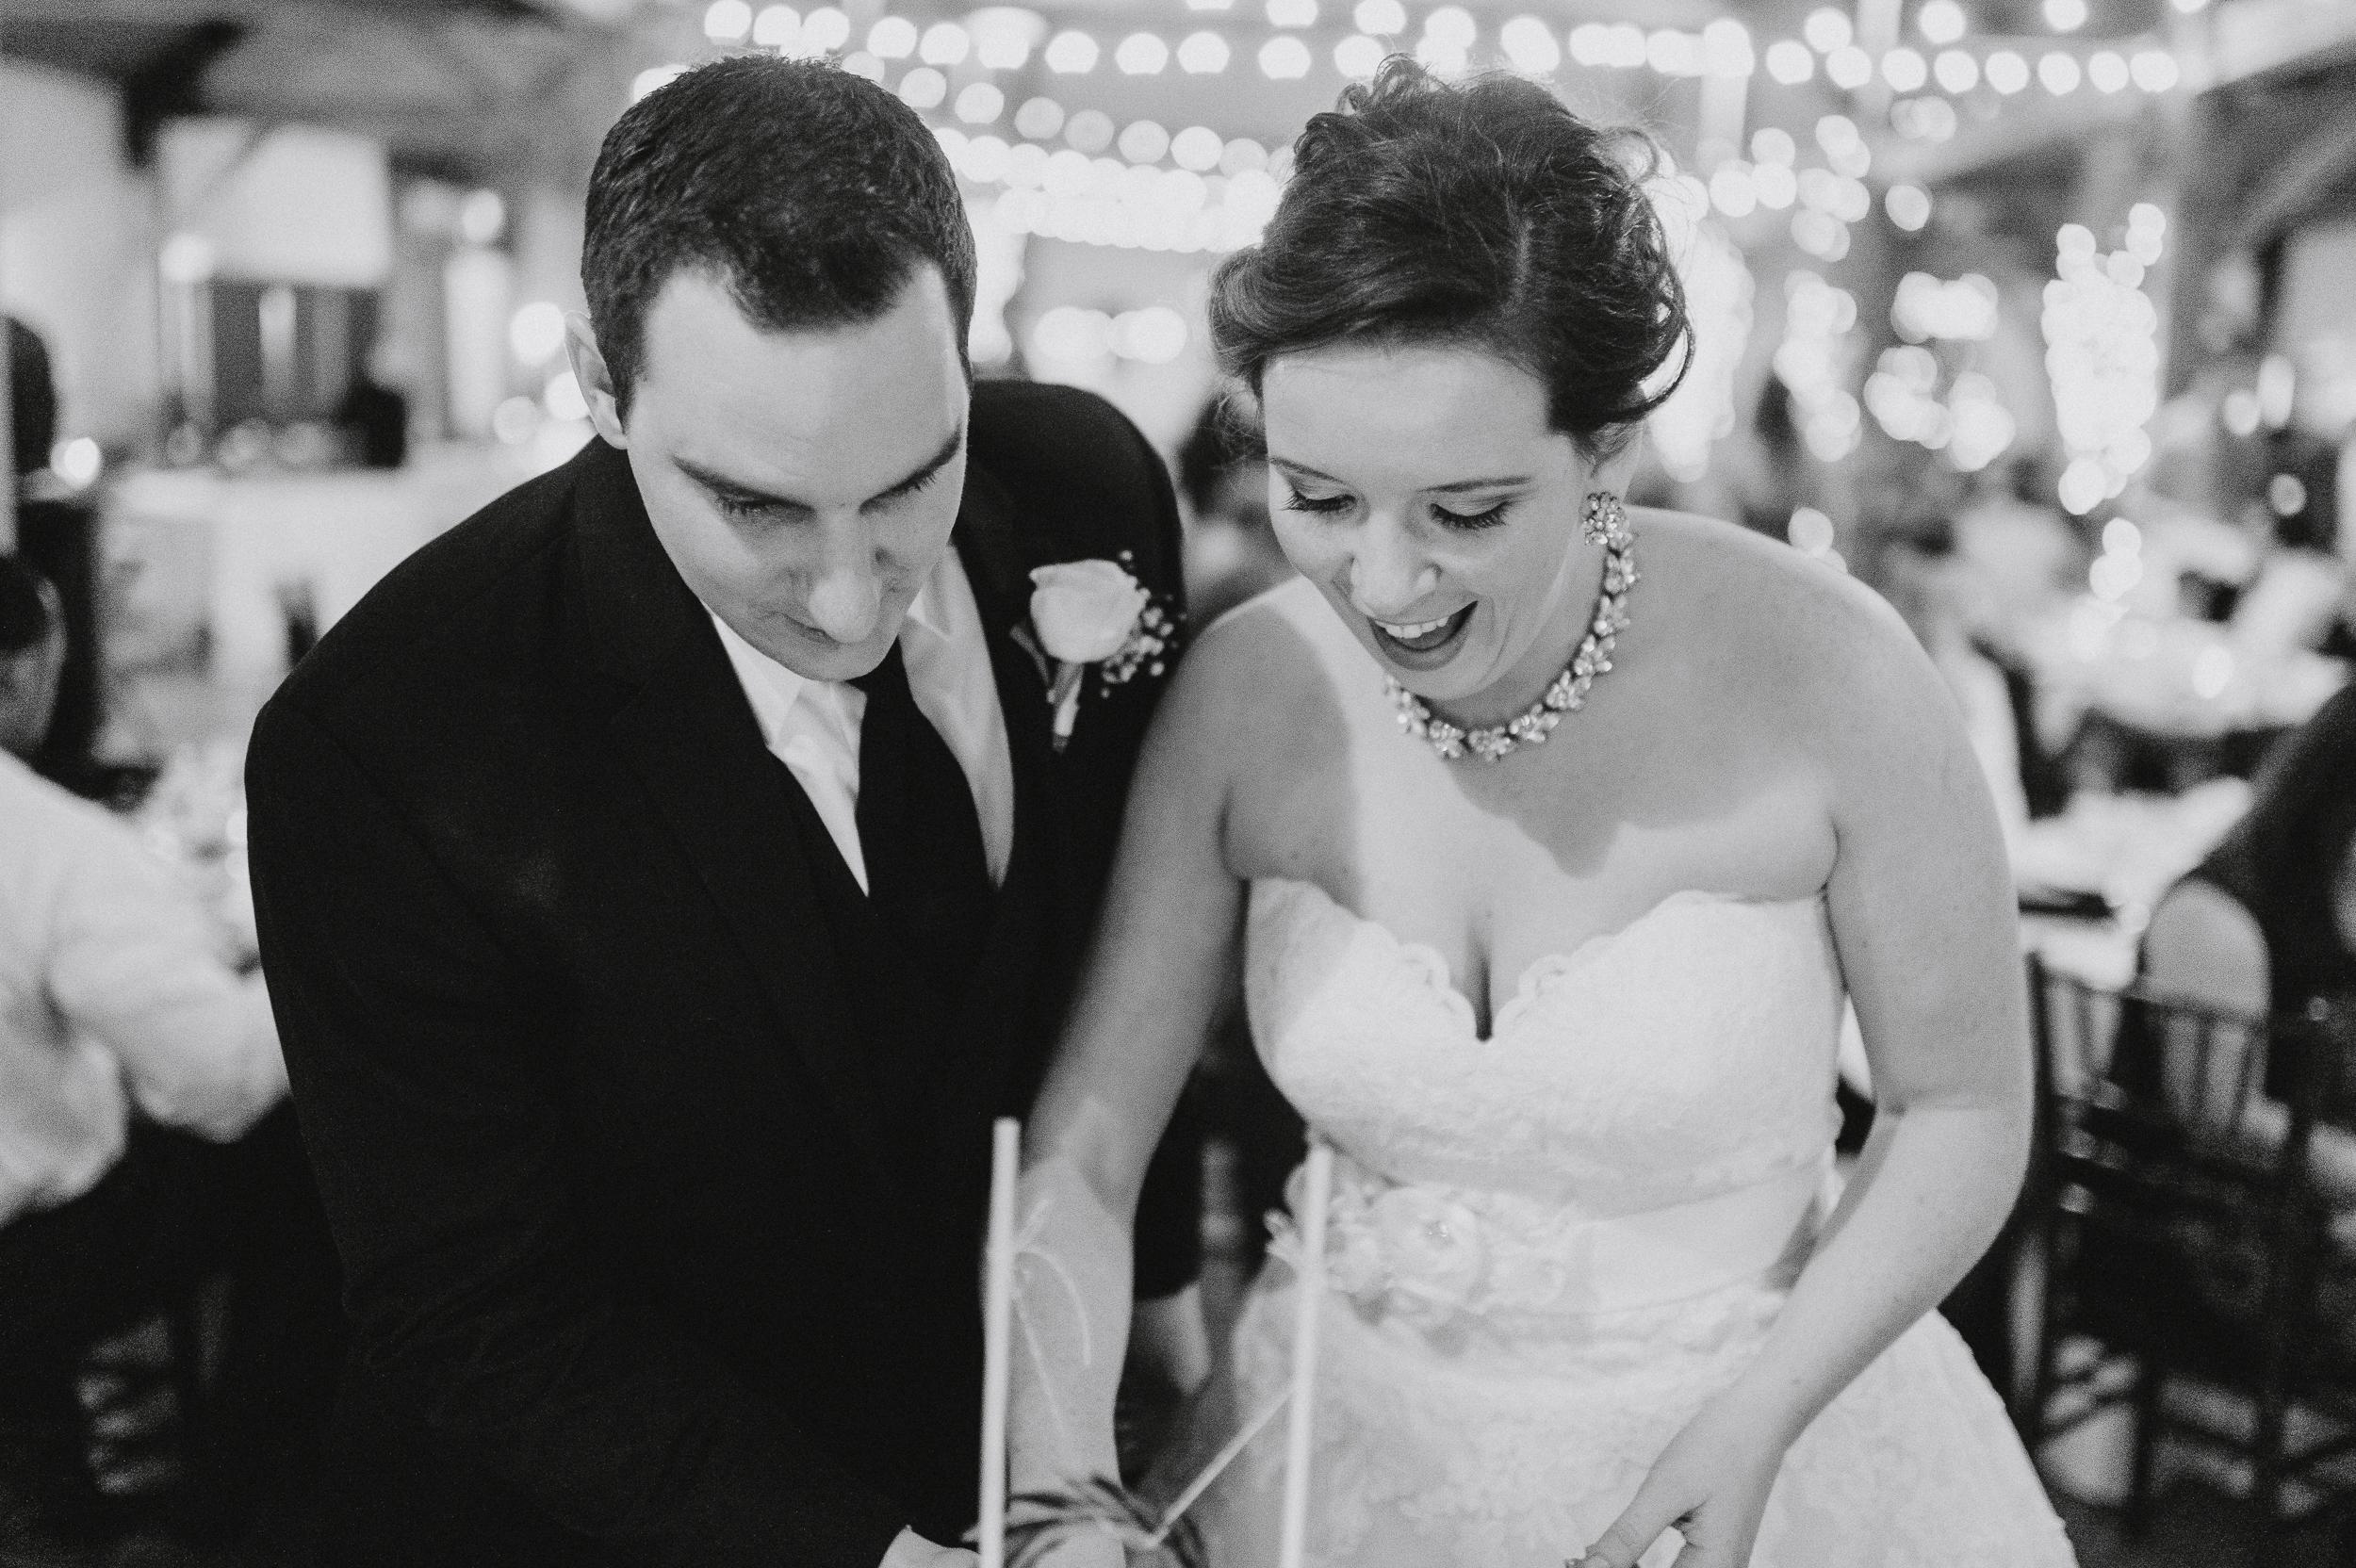 vermont-destination-wedding-photographer-67.jpg